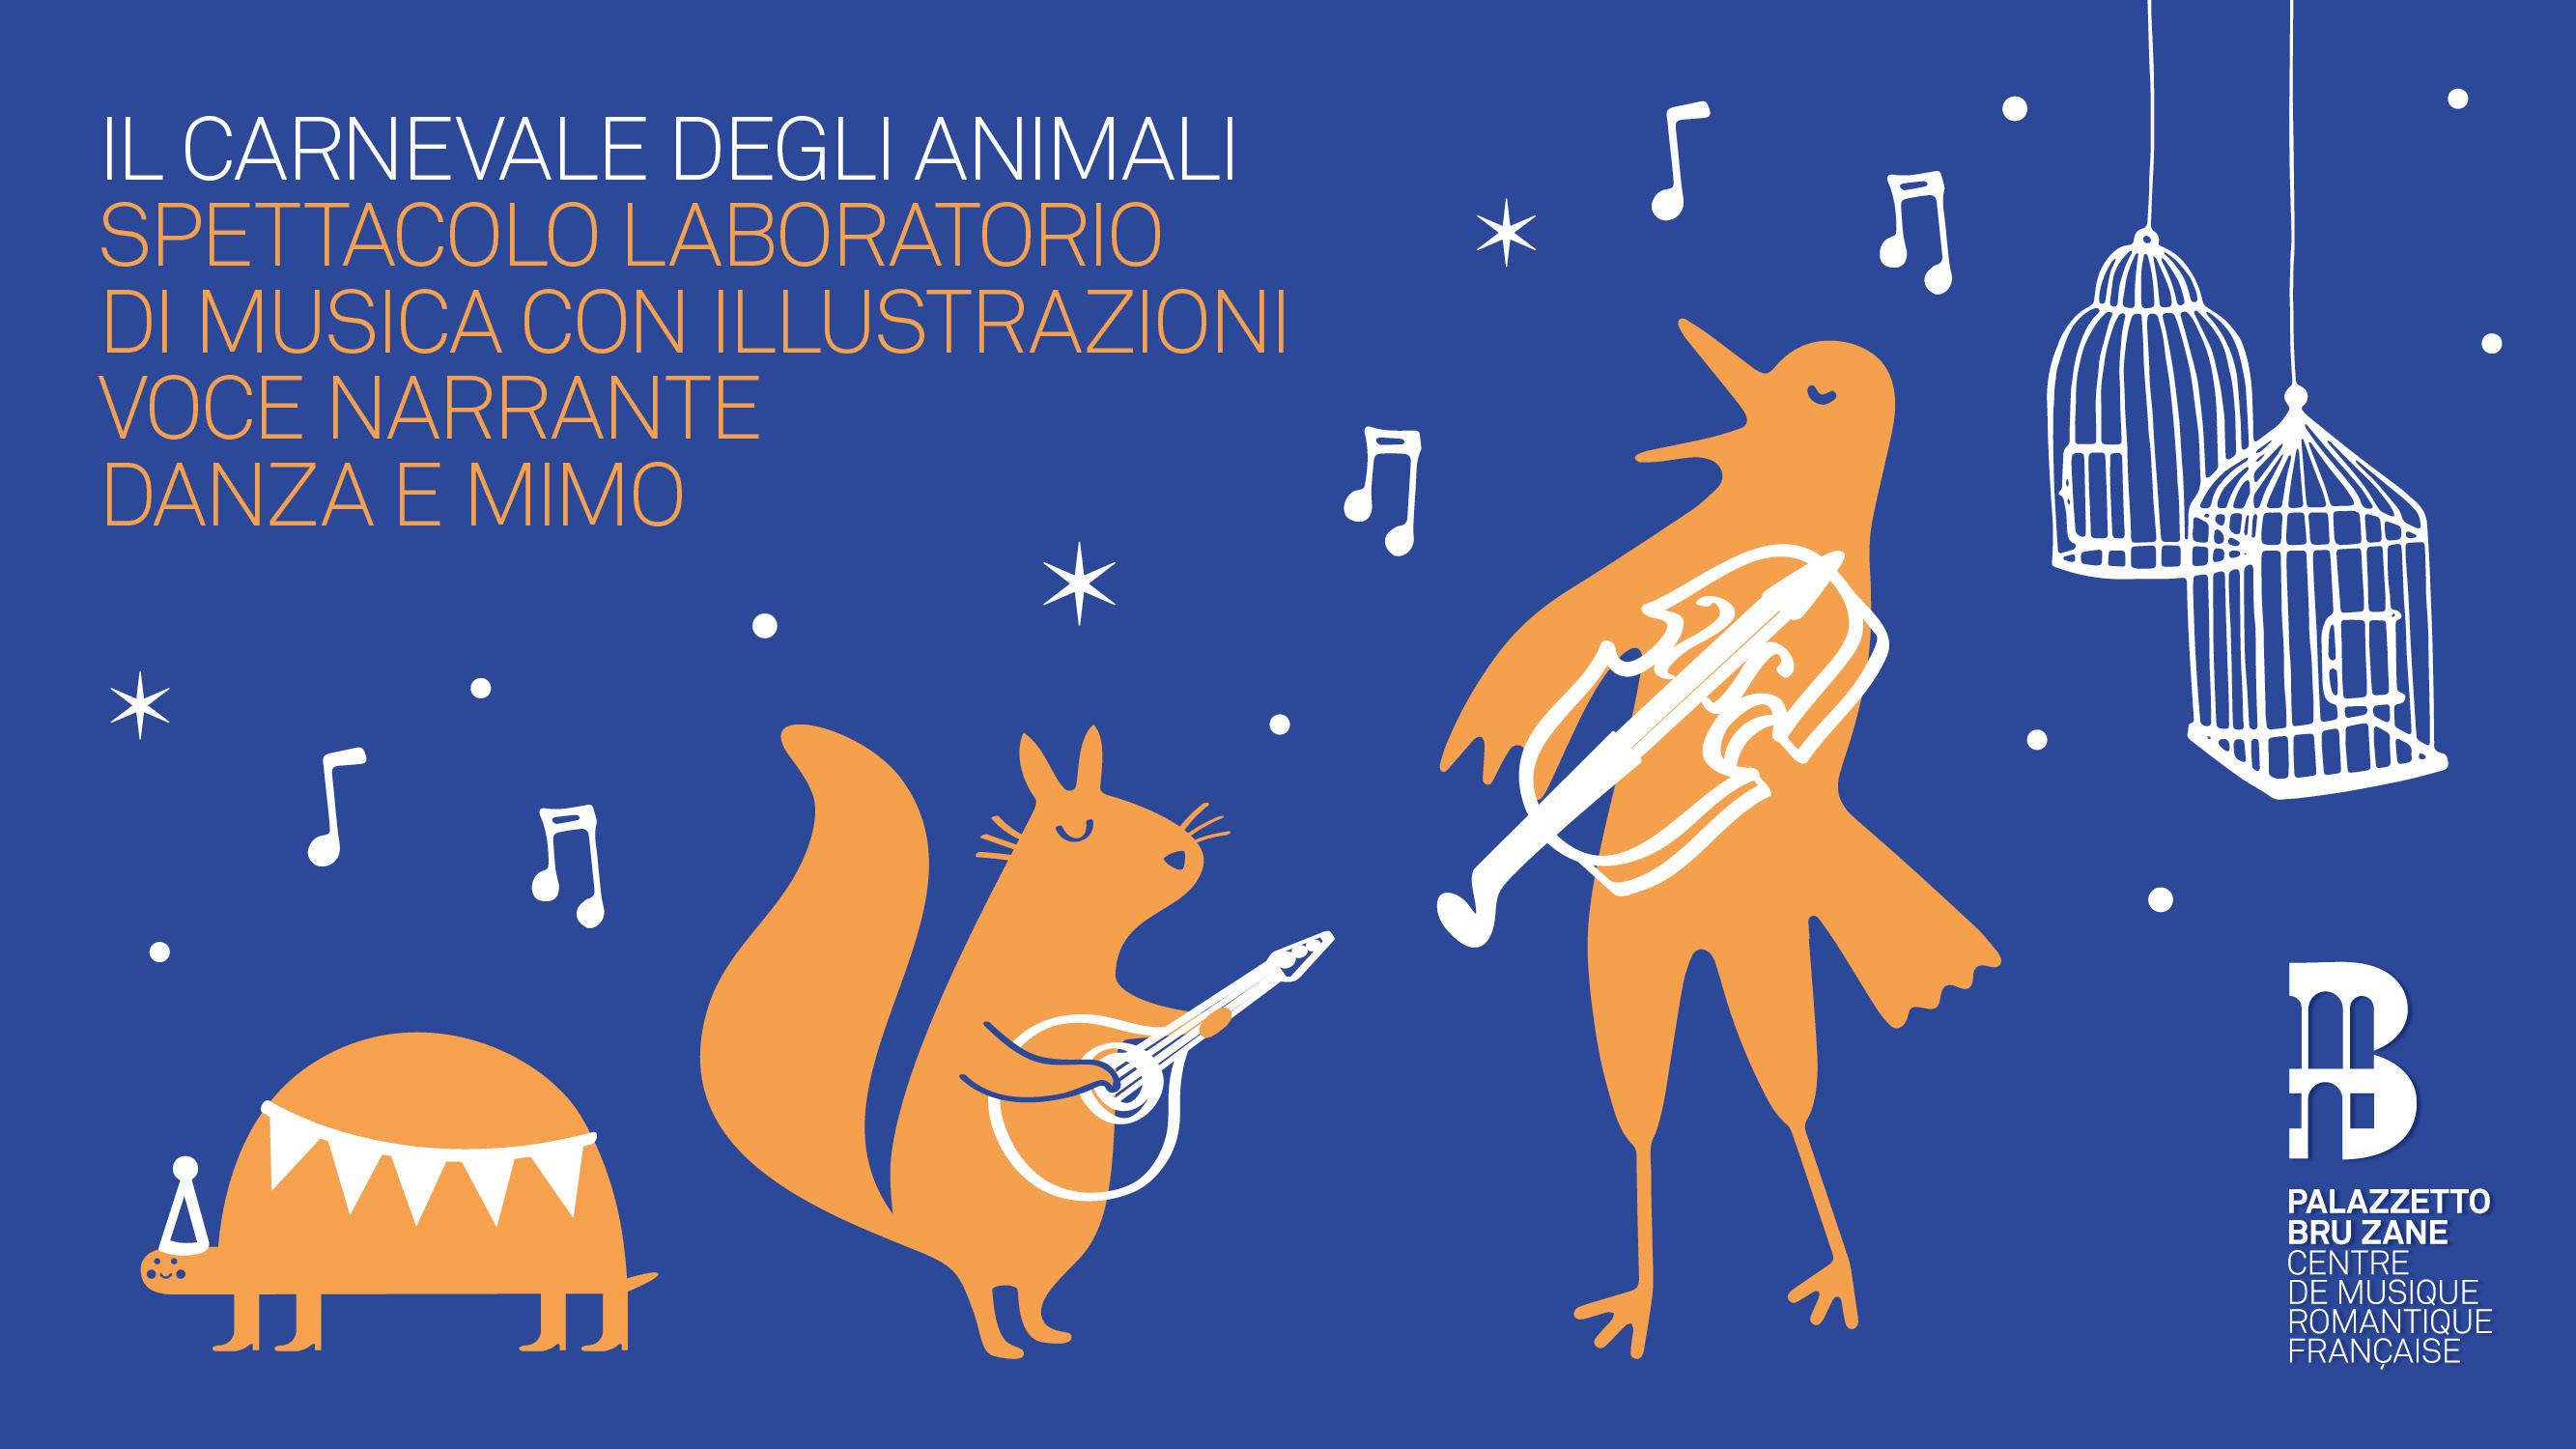 Atelier Elisabetta Garilli, Palazzetto Bru-Zane